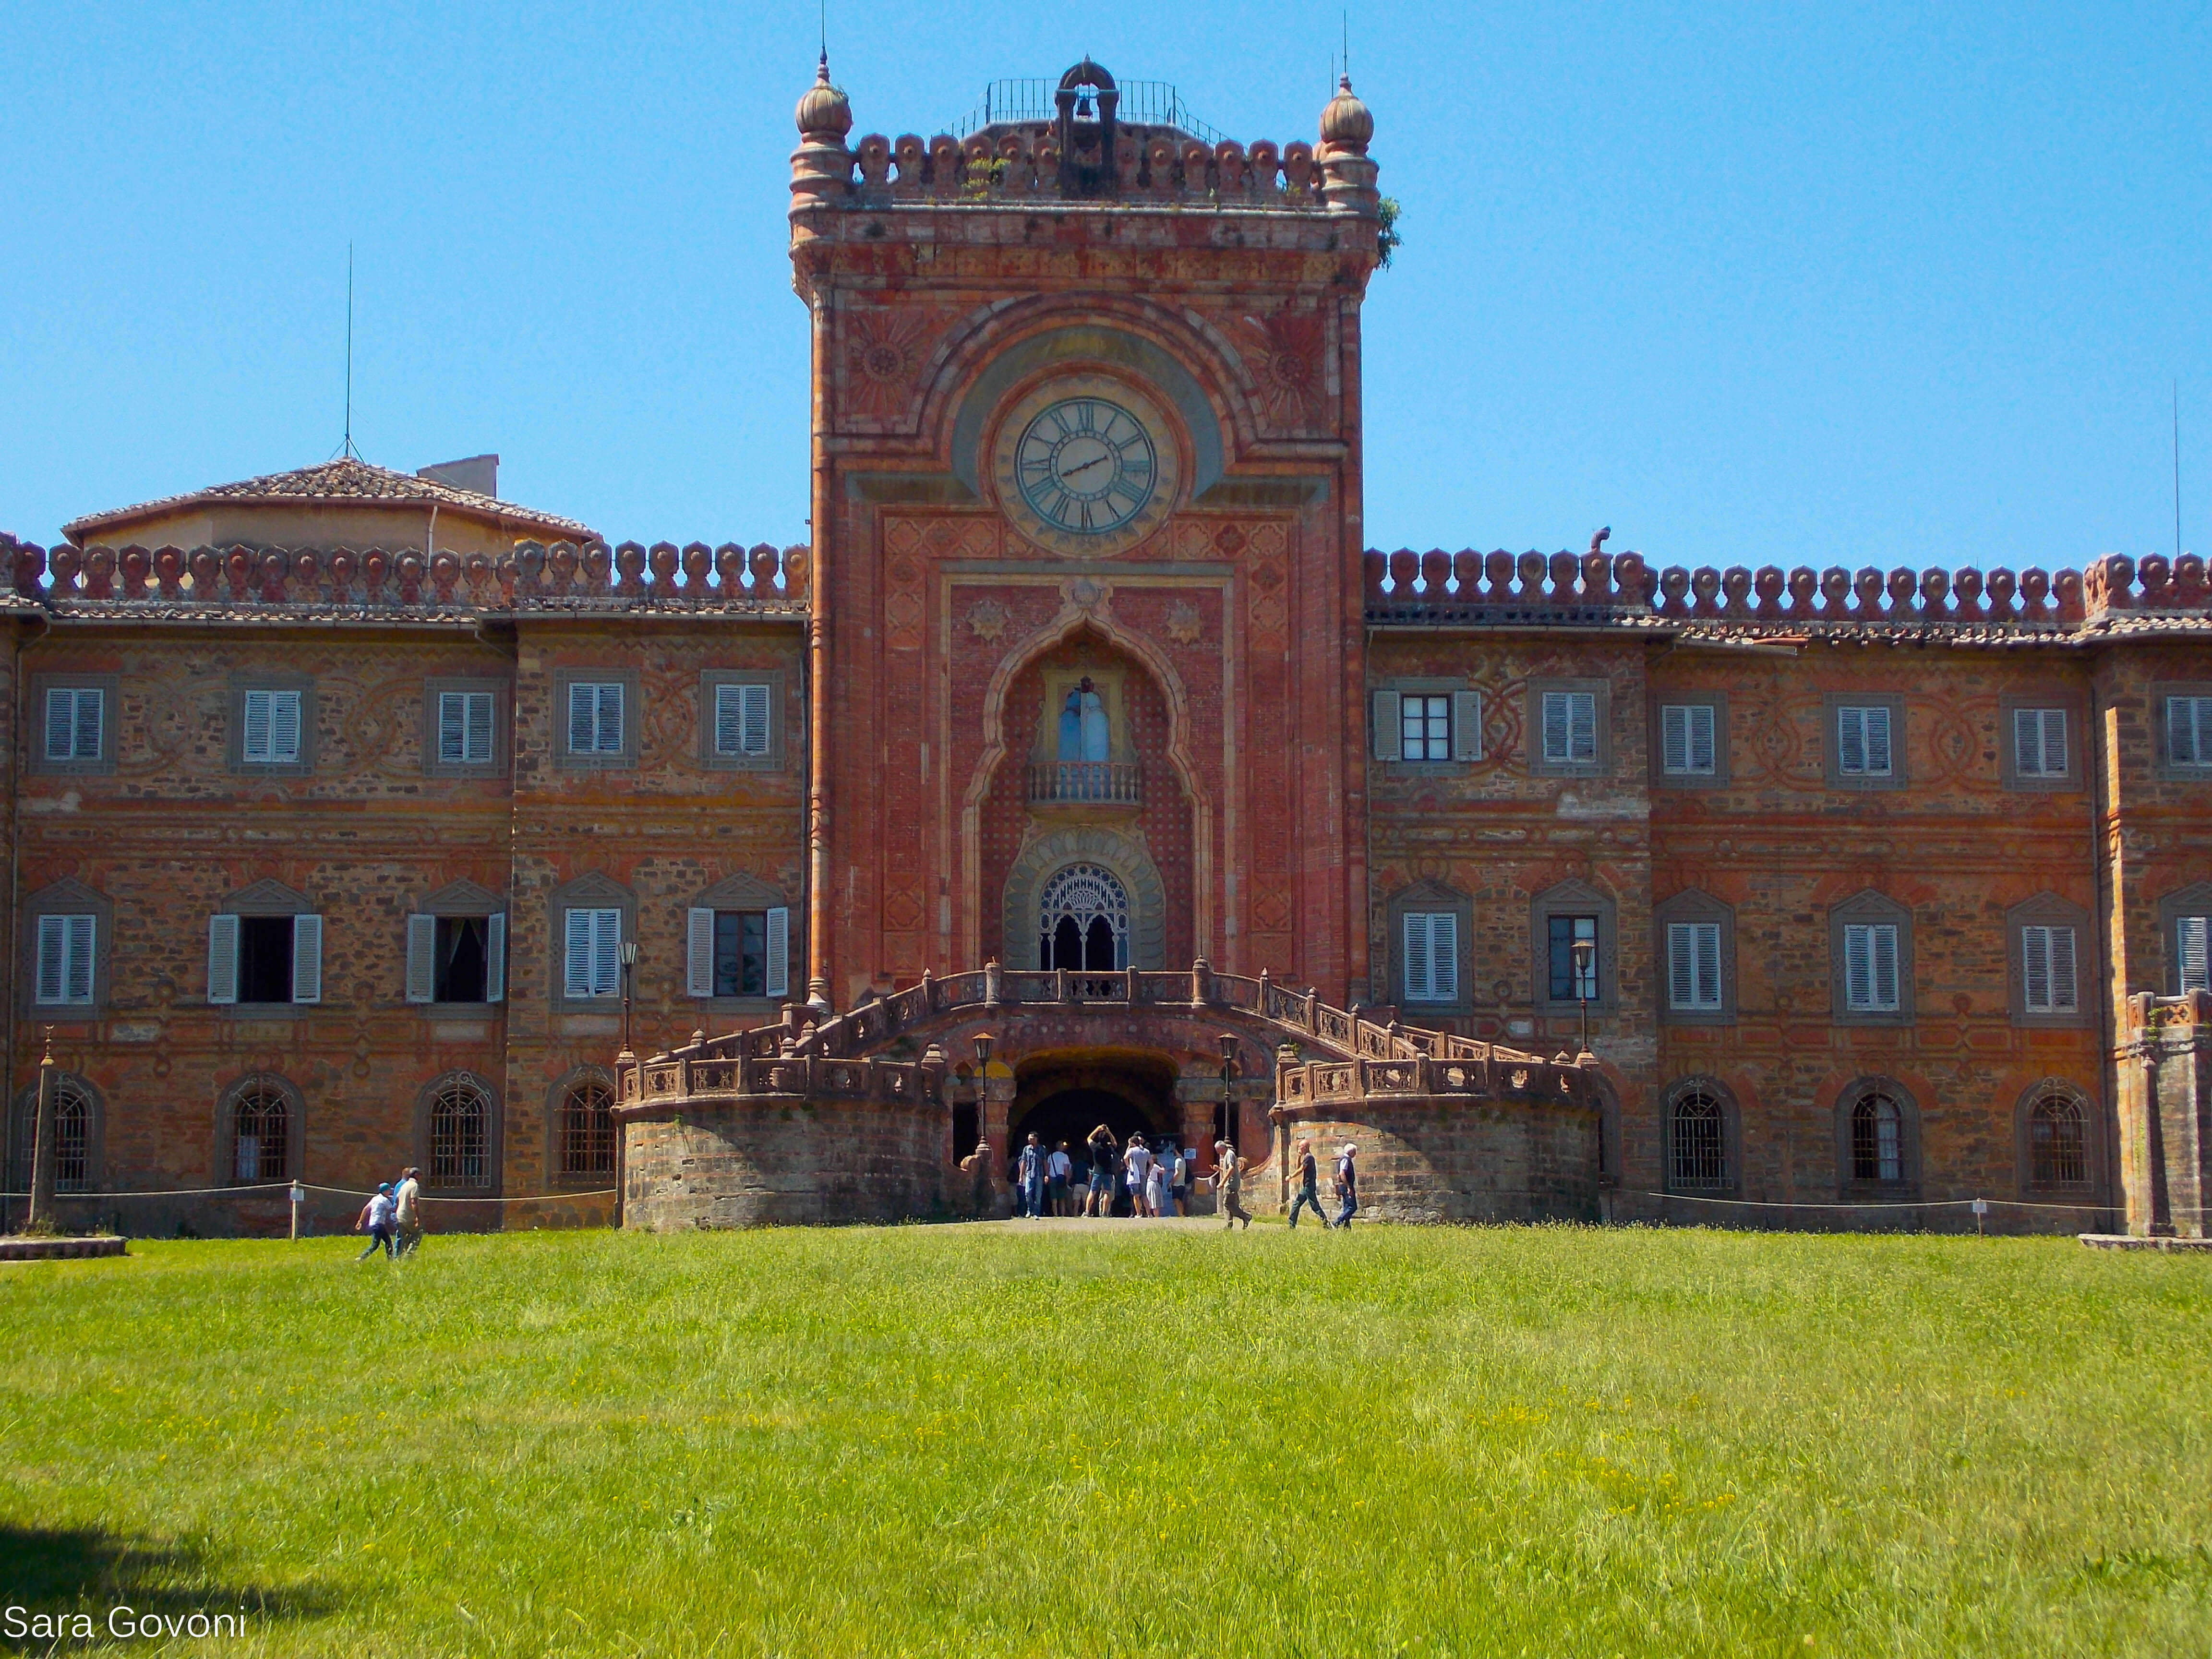 Visitare il castello di Sammezzano: un'esperienza unica che spero si ripeterà Parte 1